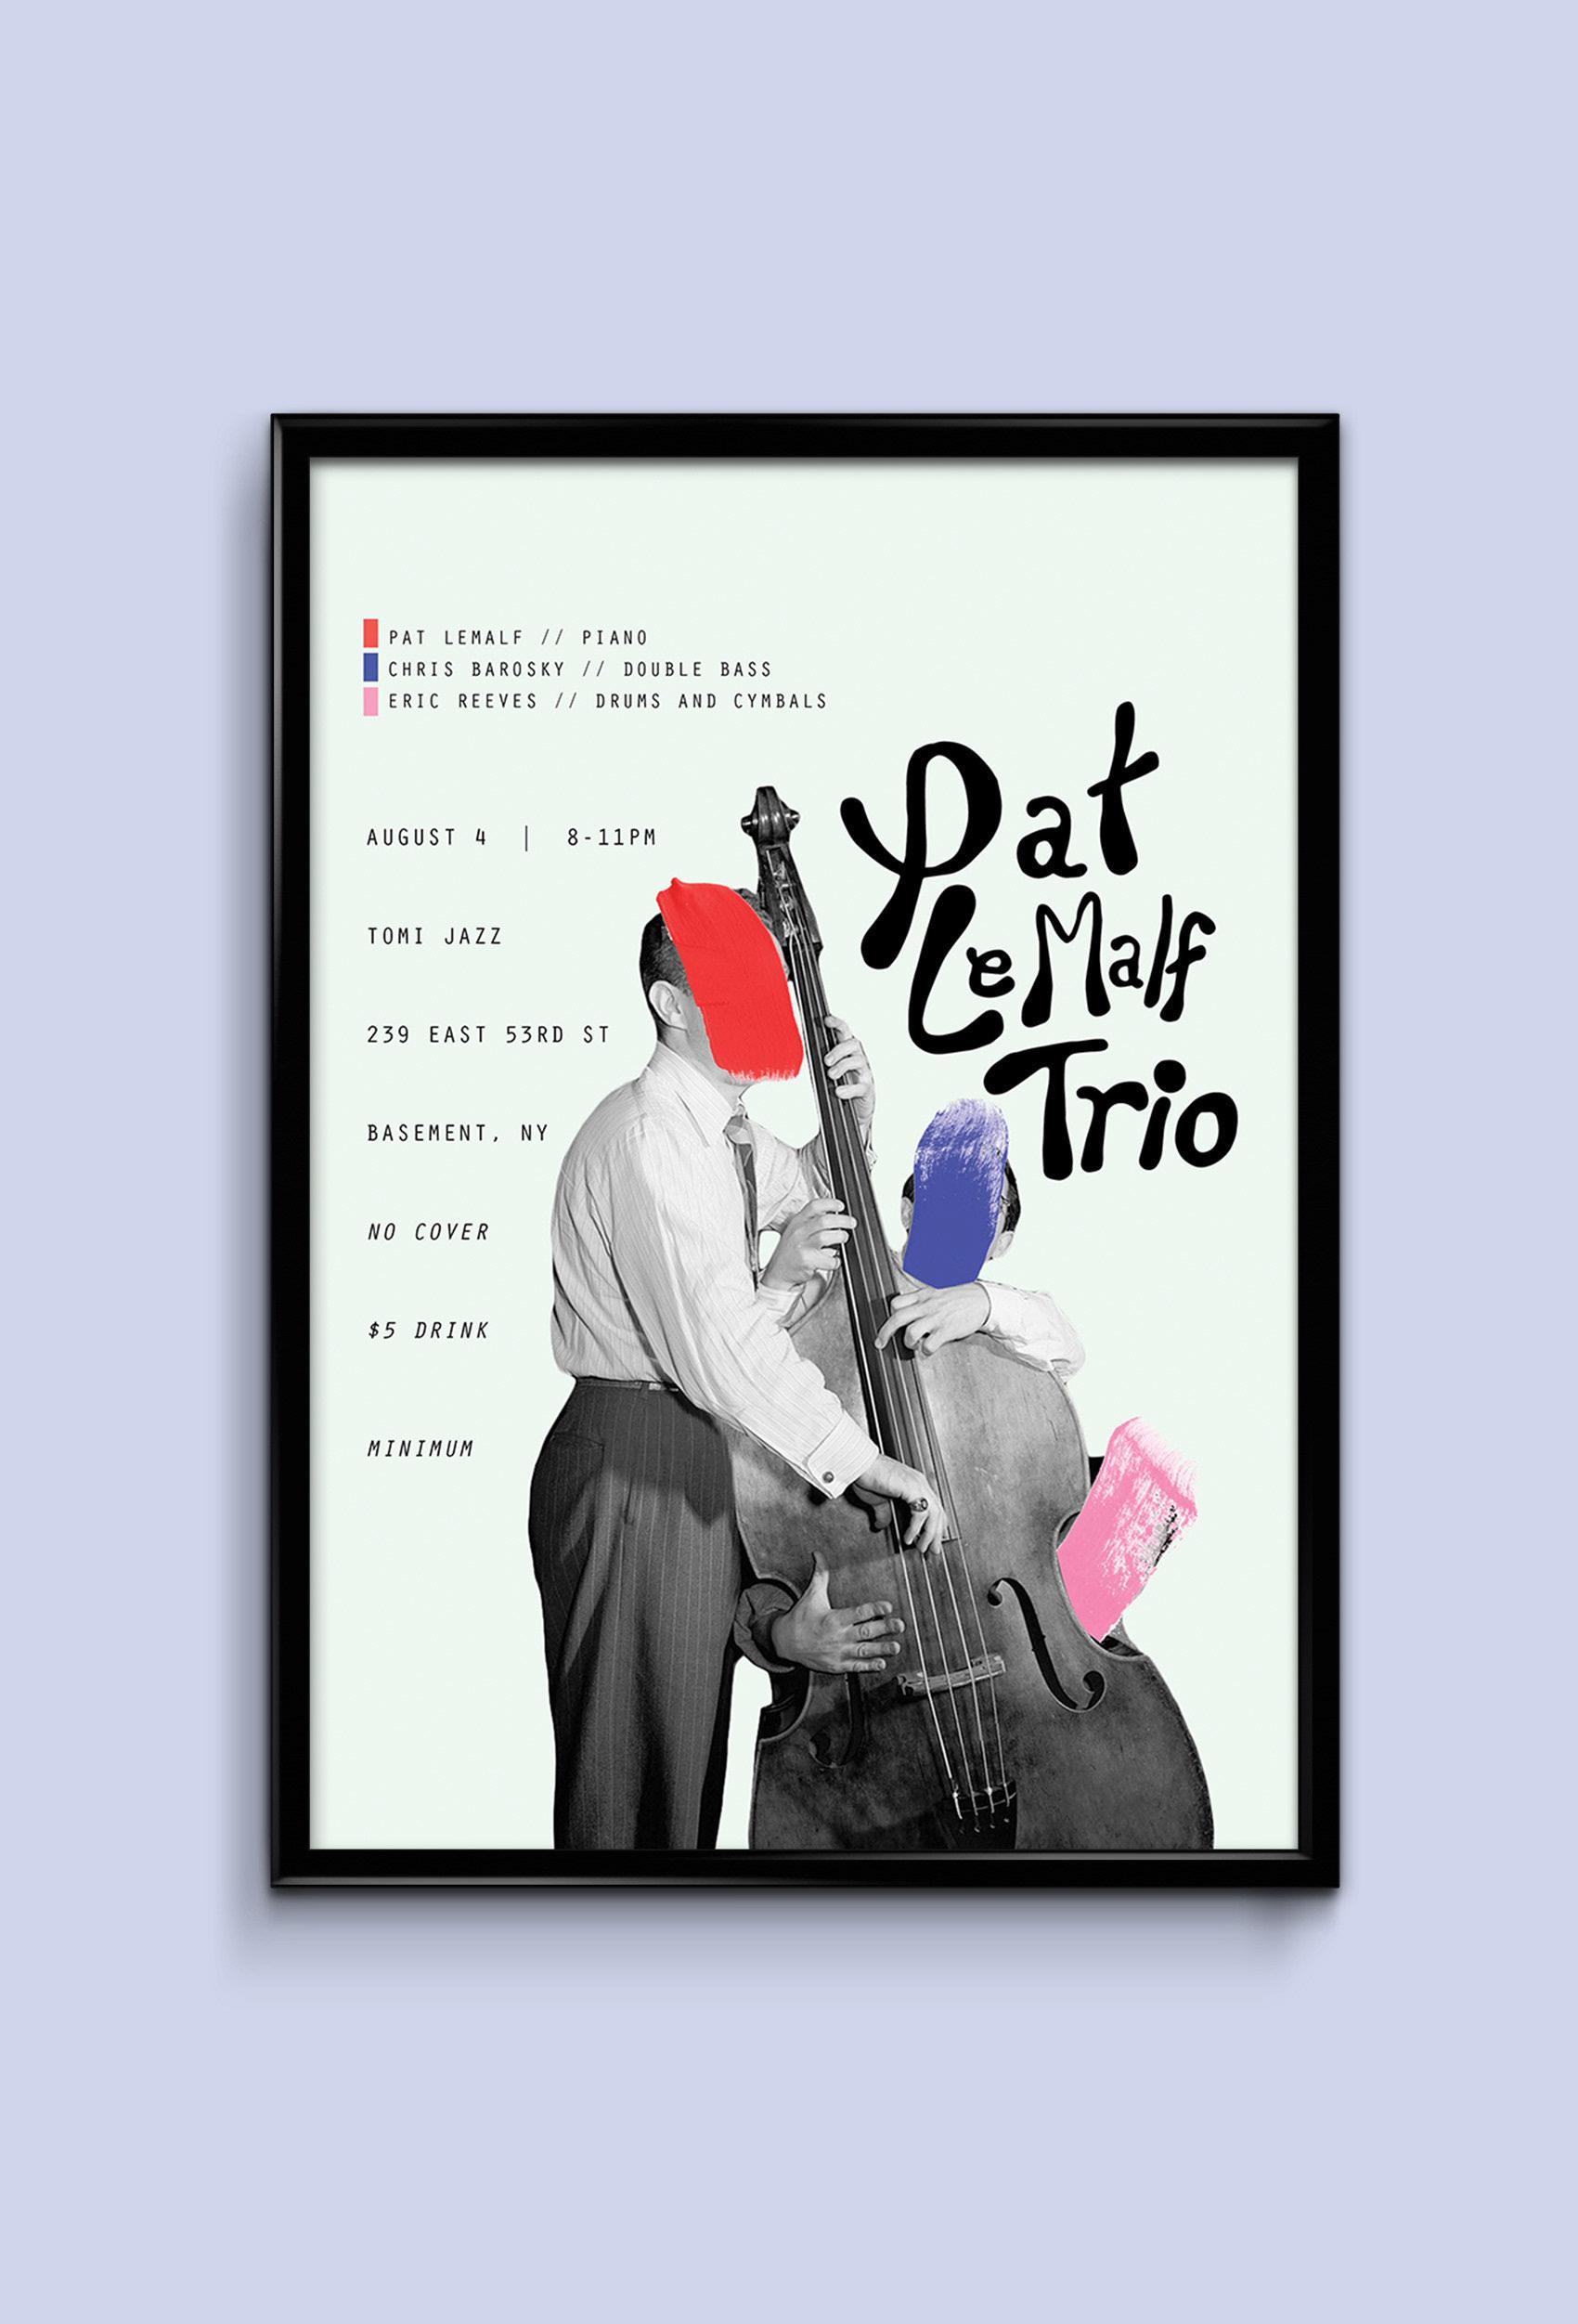 Peter LaMalfa Trio Event Poster